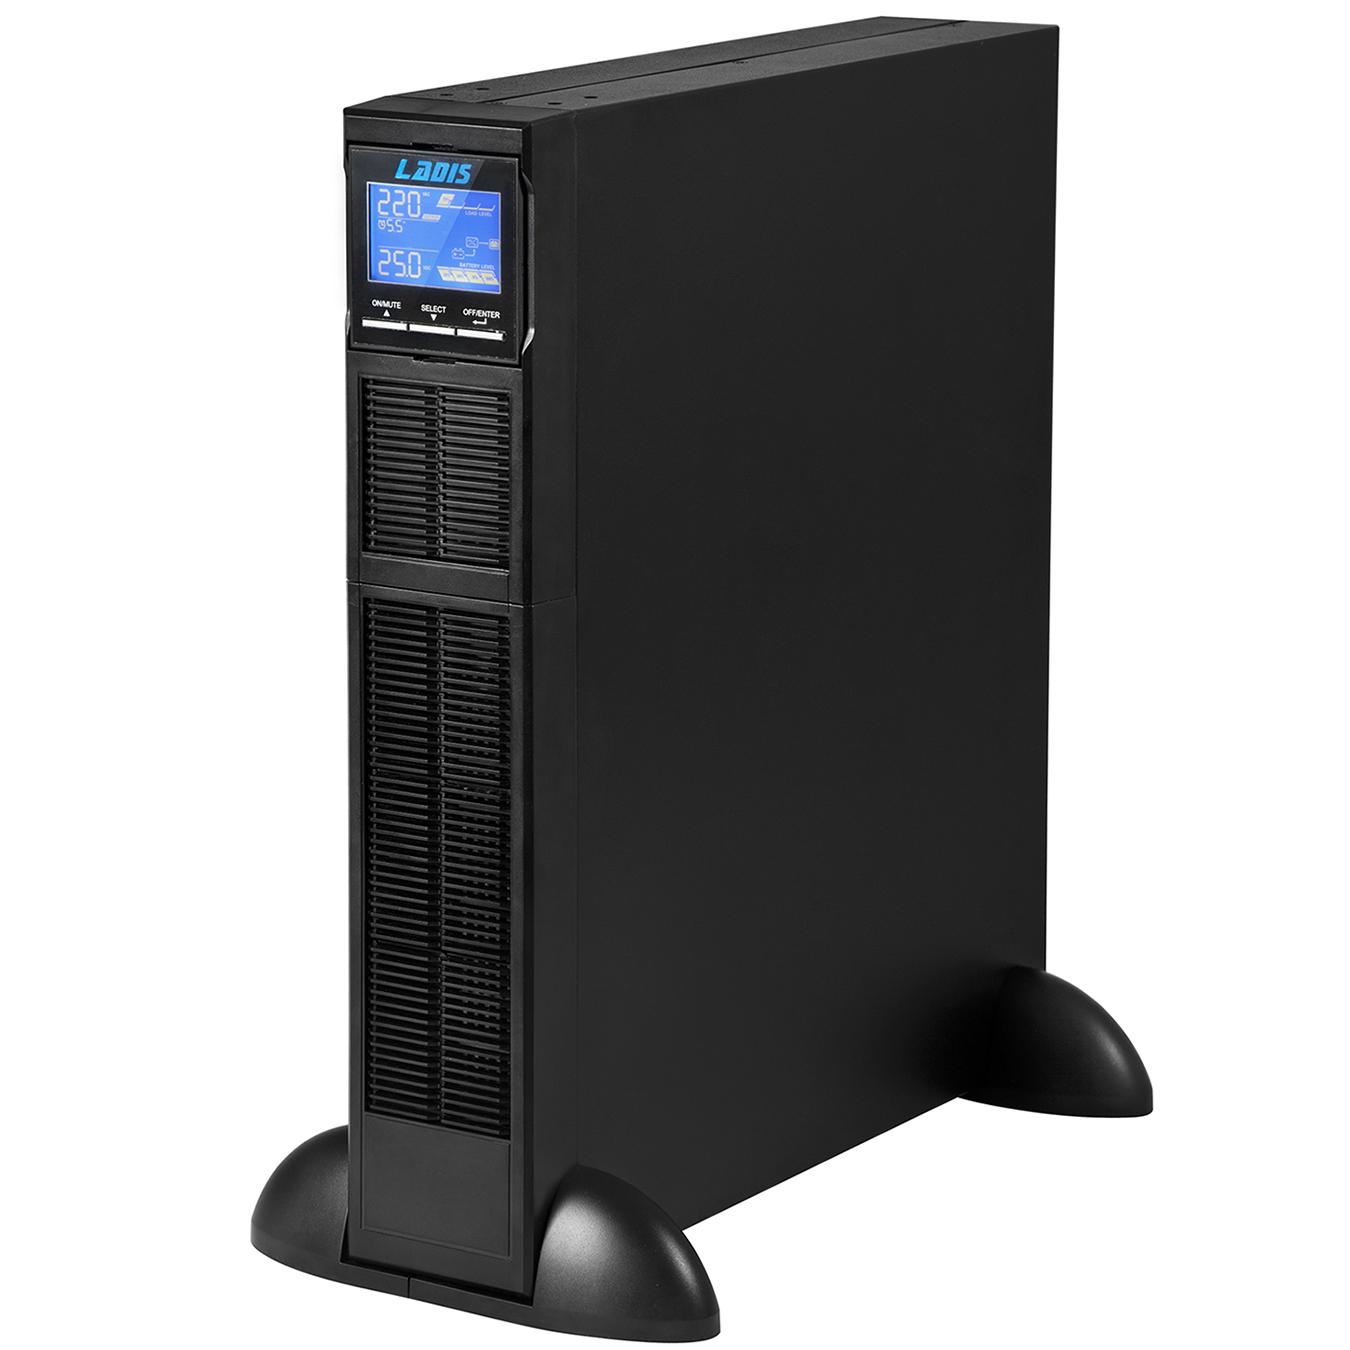 雷迪司GR2KL机架式UPS不间断电源2KVA 1600W长延时主机2U高度72V